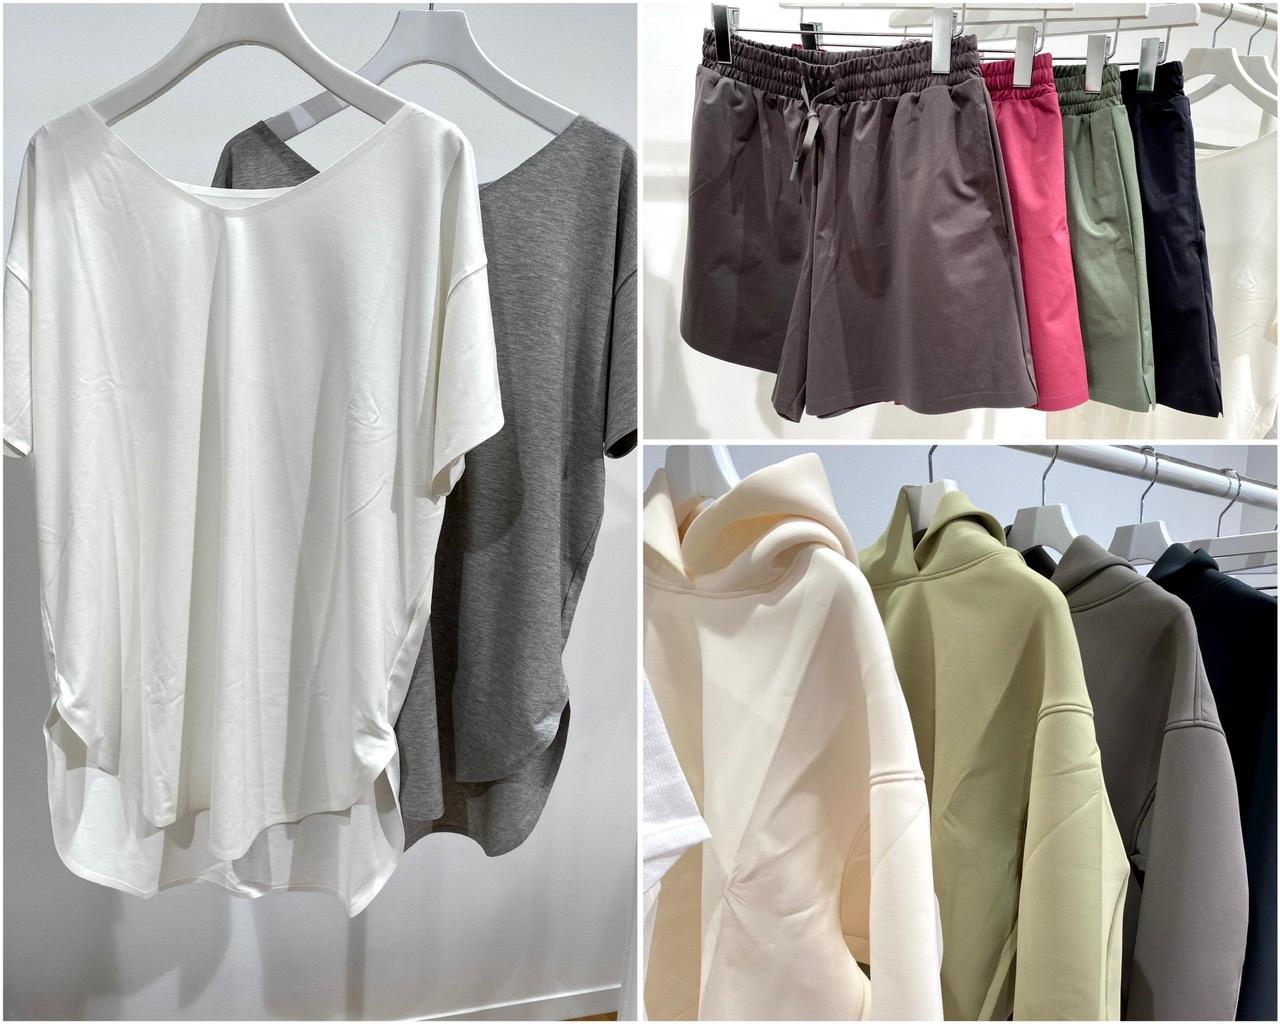 ユニクロのスポーツ用Tシャツ、ショートパンツ、パーカー